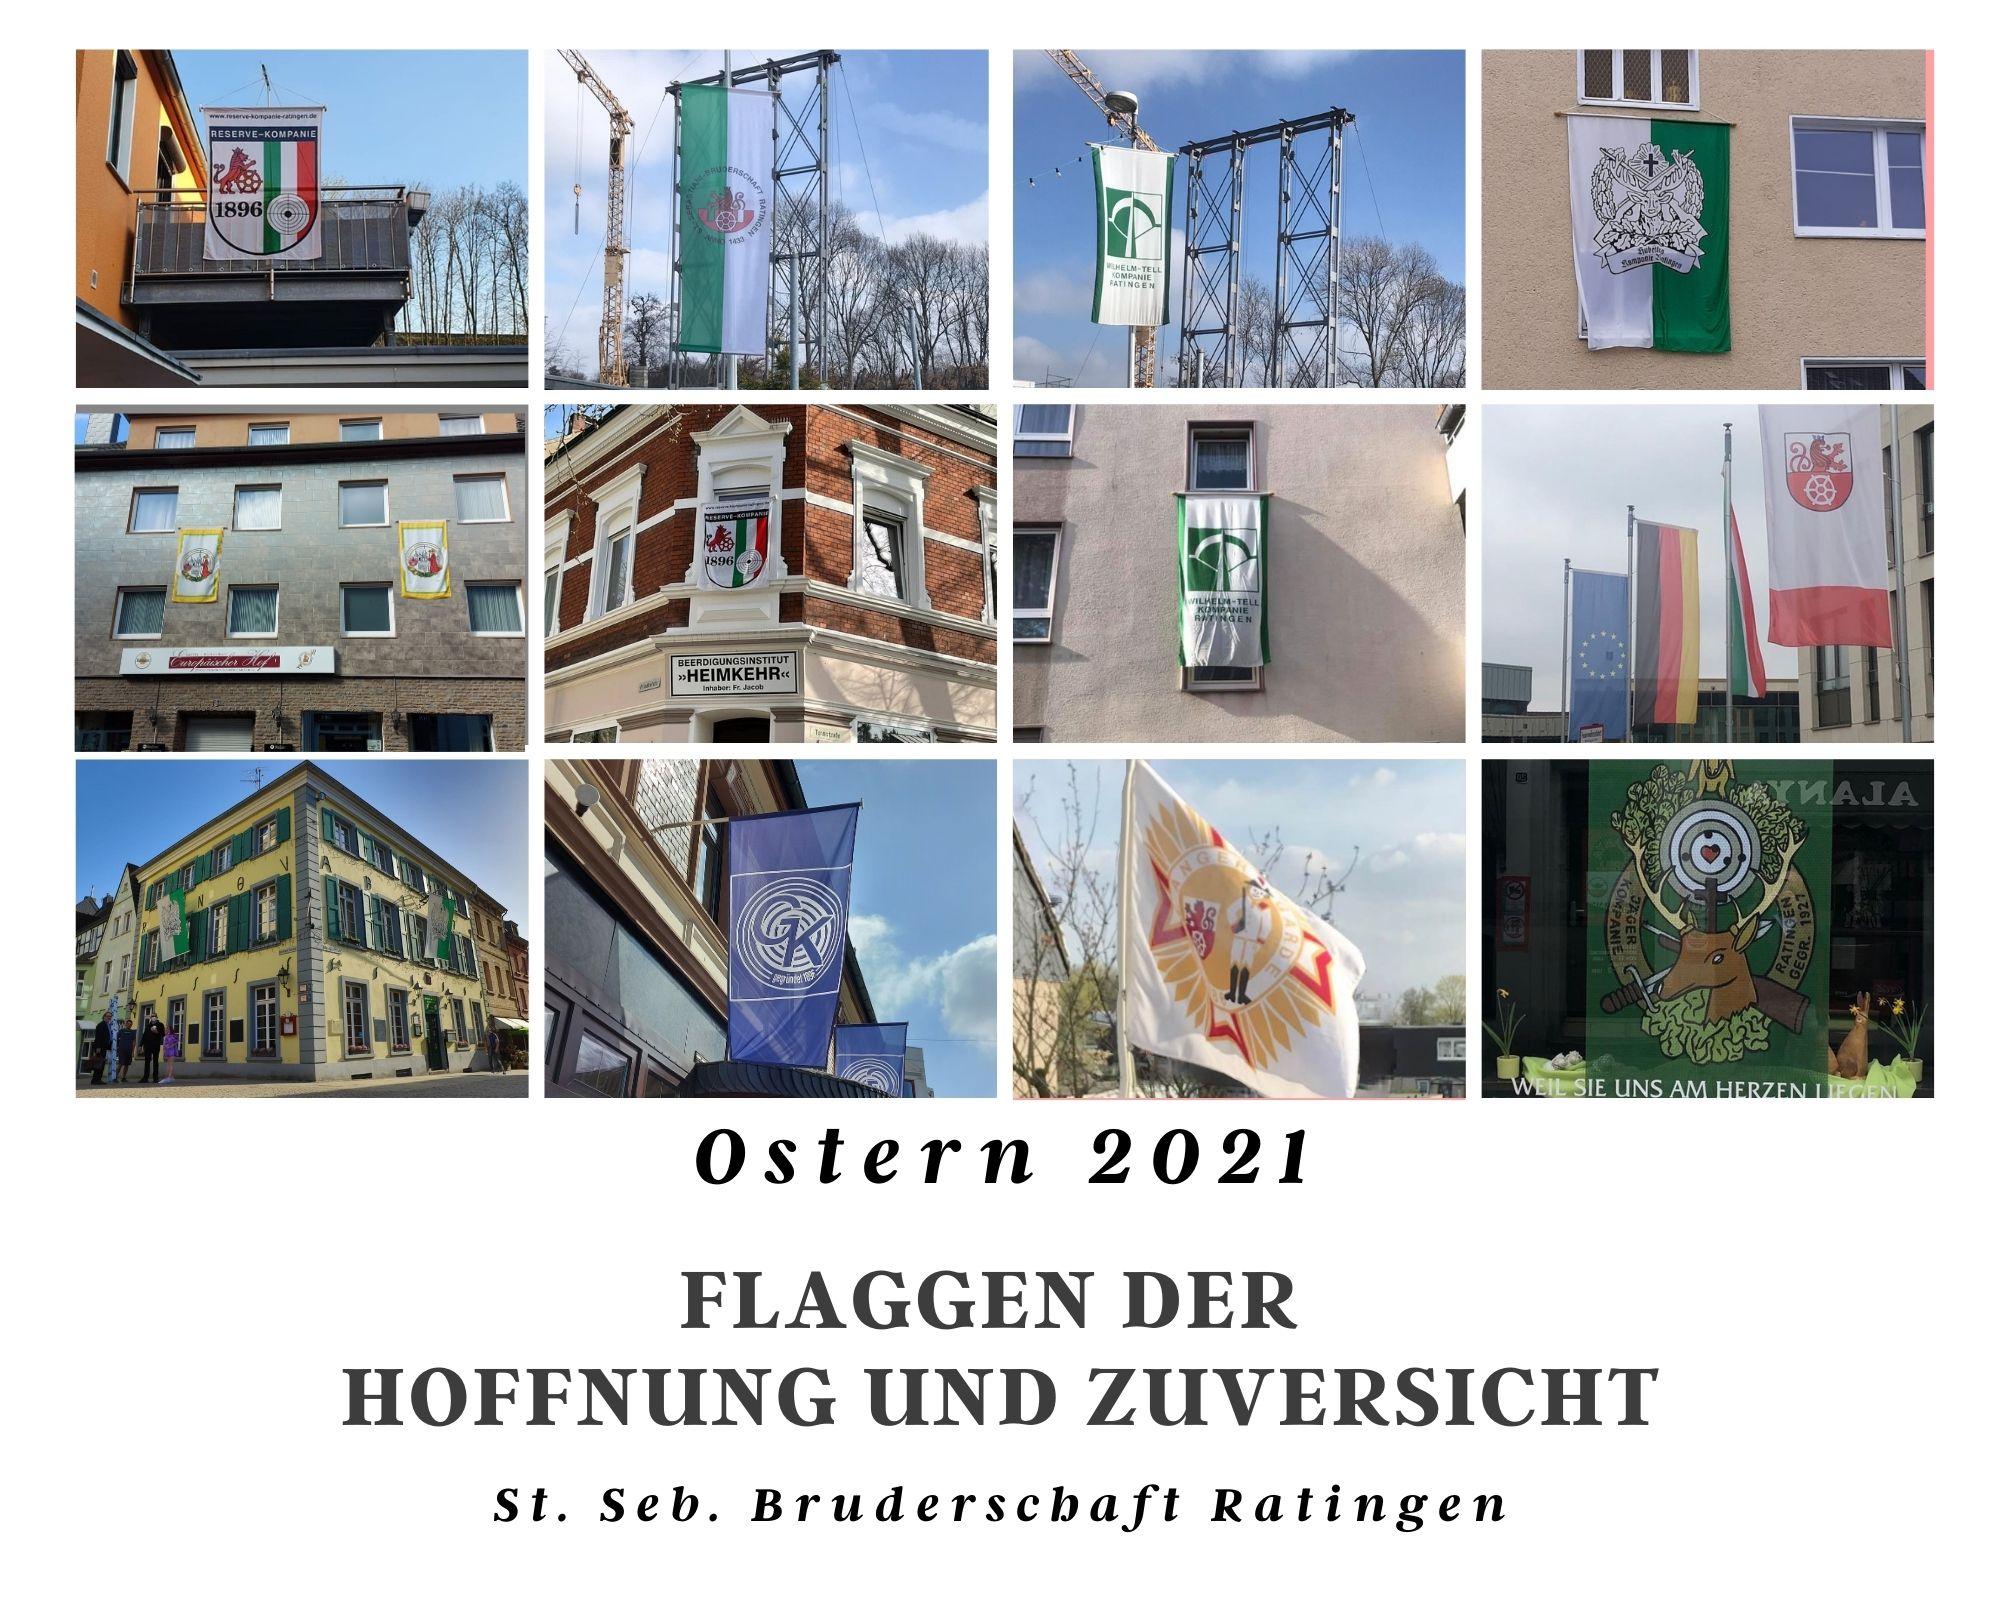 Bruderschaft Collage - Flaggen der Hoffnung und Zuversicht